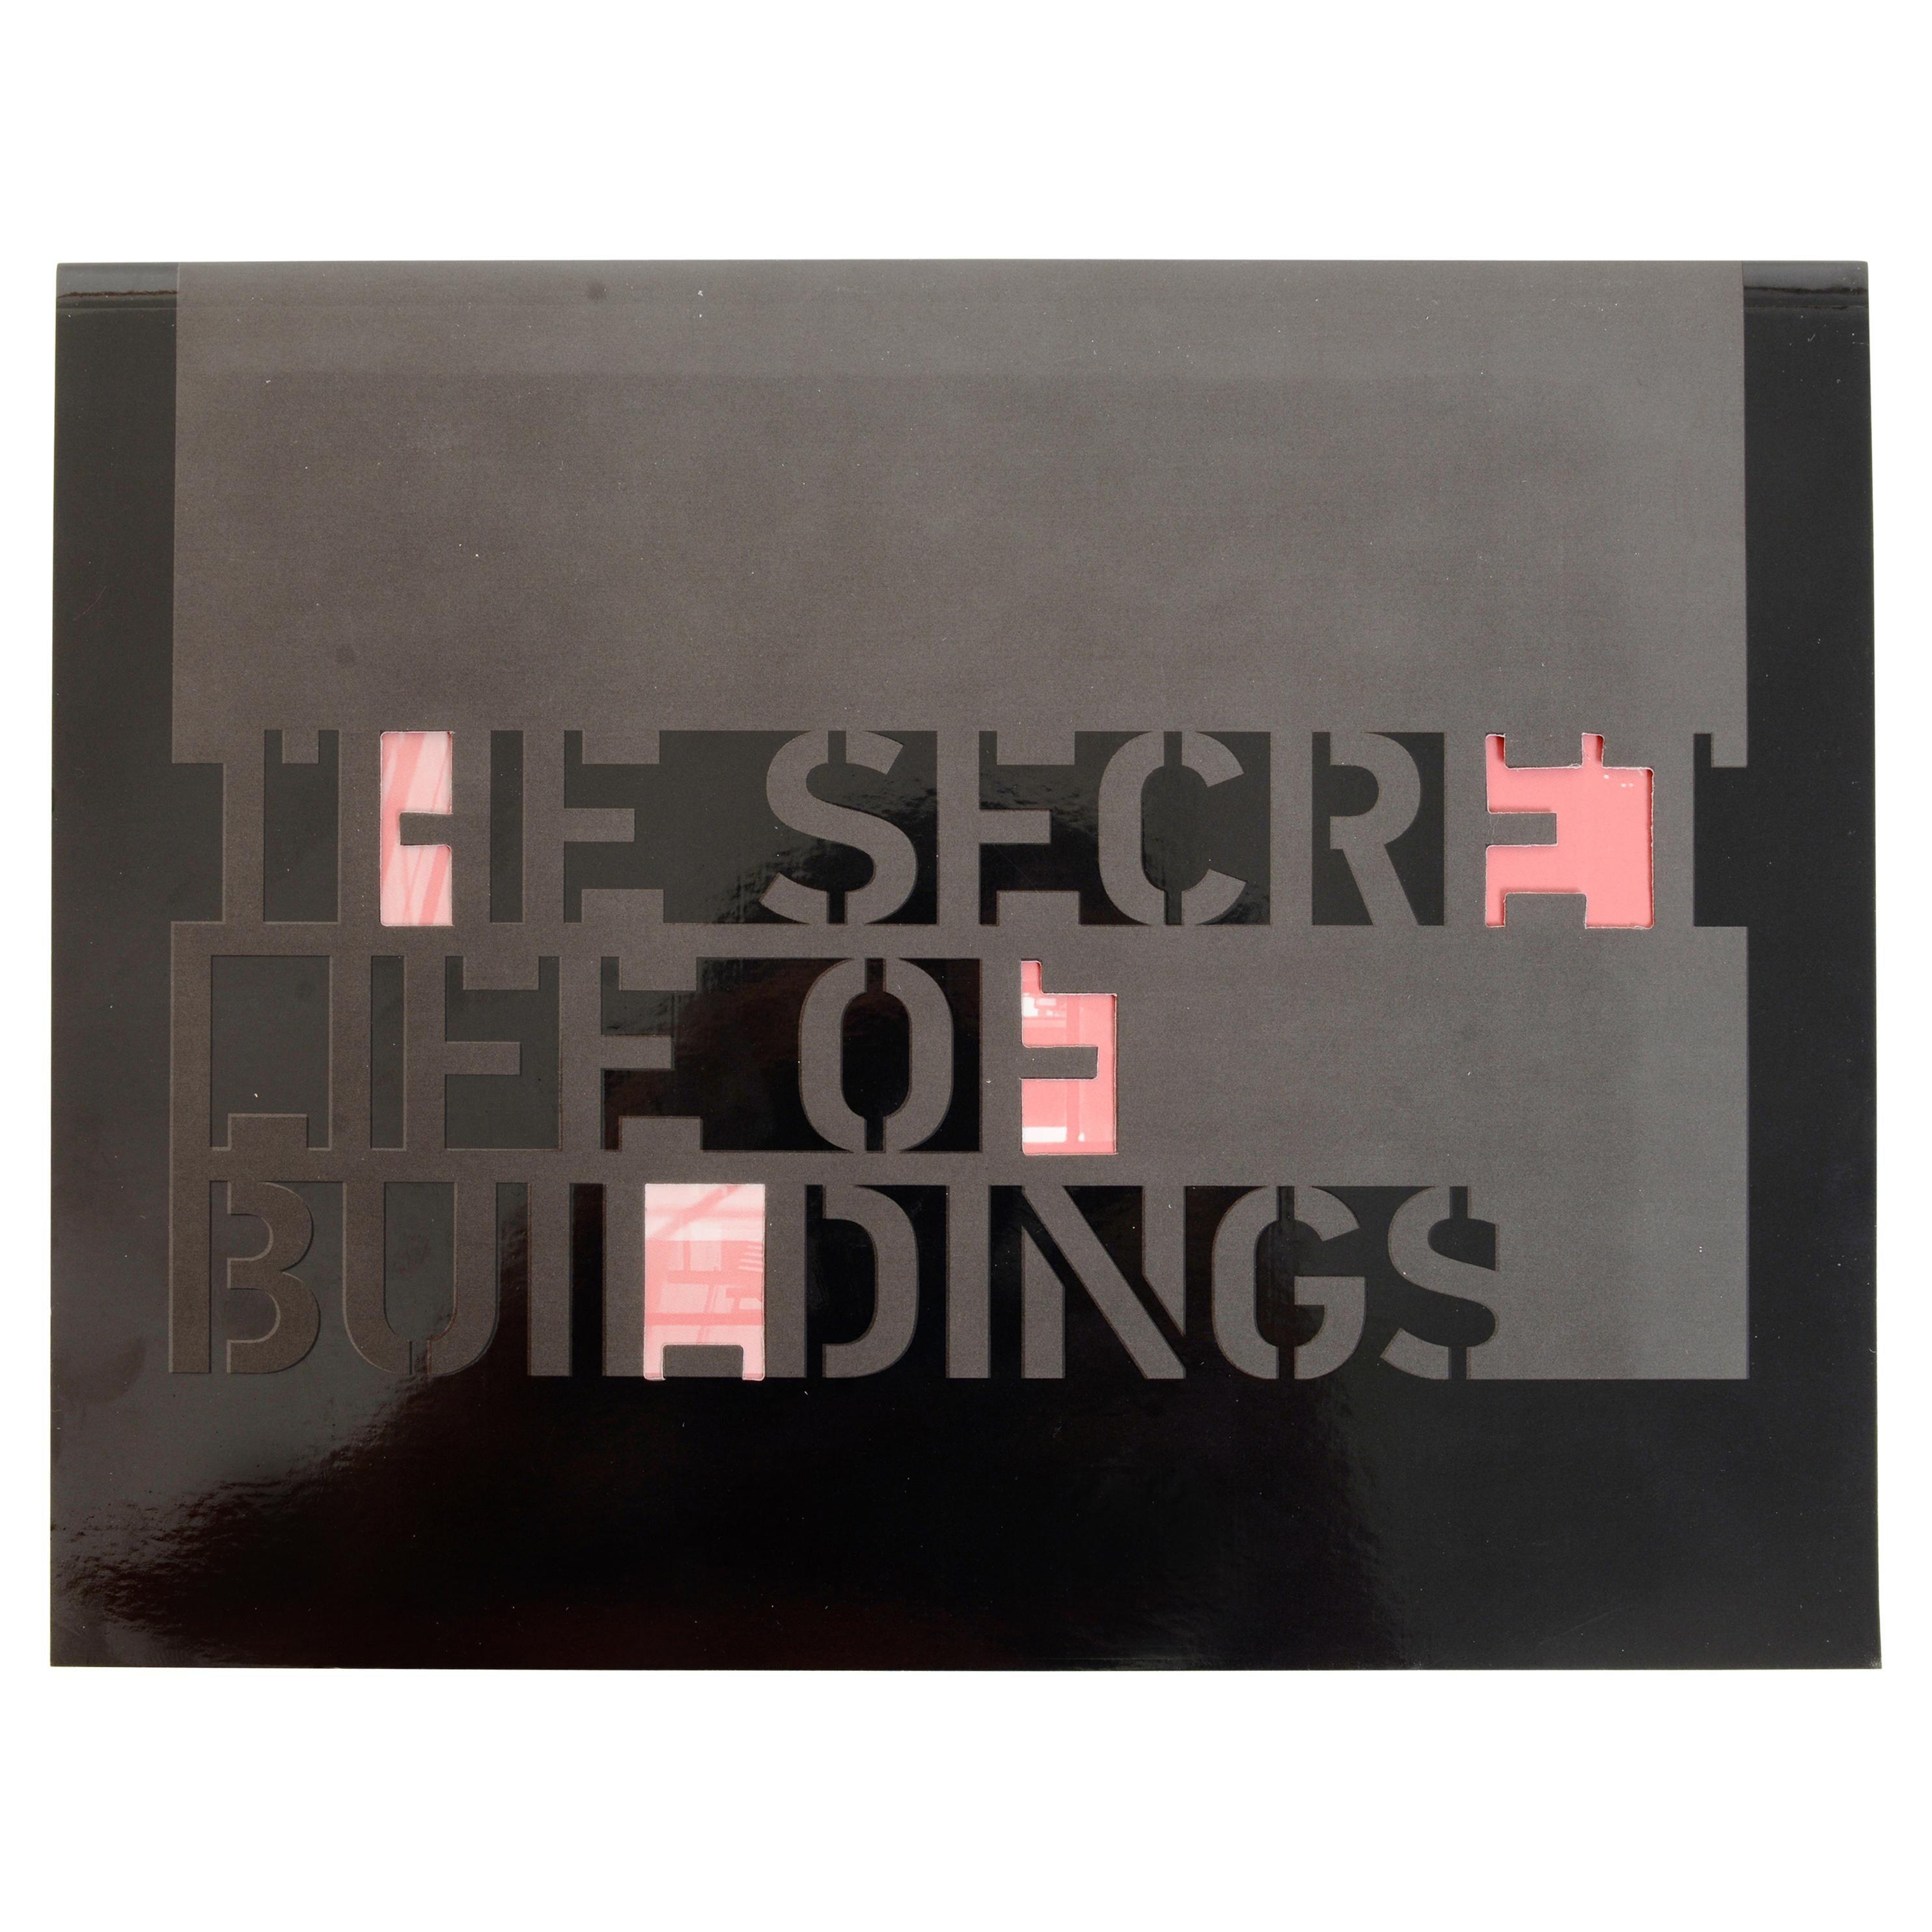 Center 21 The Secret Life of Buildings, 1st Ed